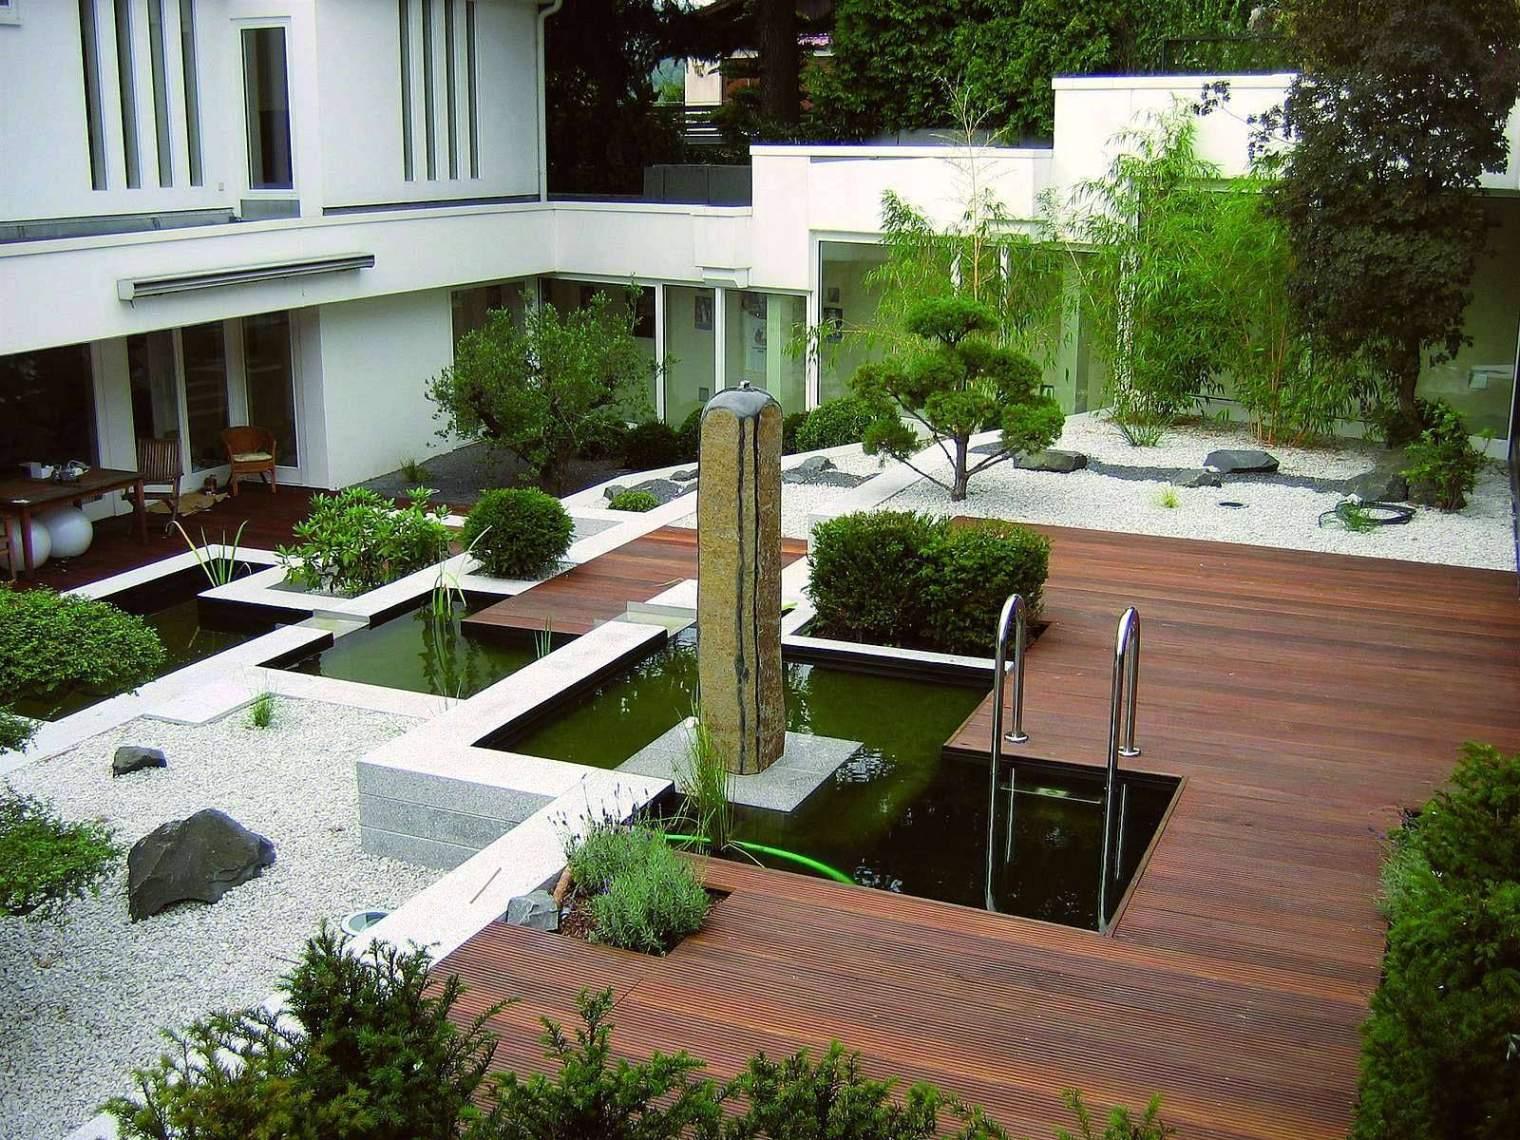 Kleine Gärten Gestalten Beispiele Elegant Kleine Gärten Gestalten Reihenhaus — Temobardz Home Blog